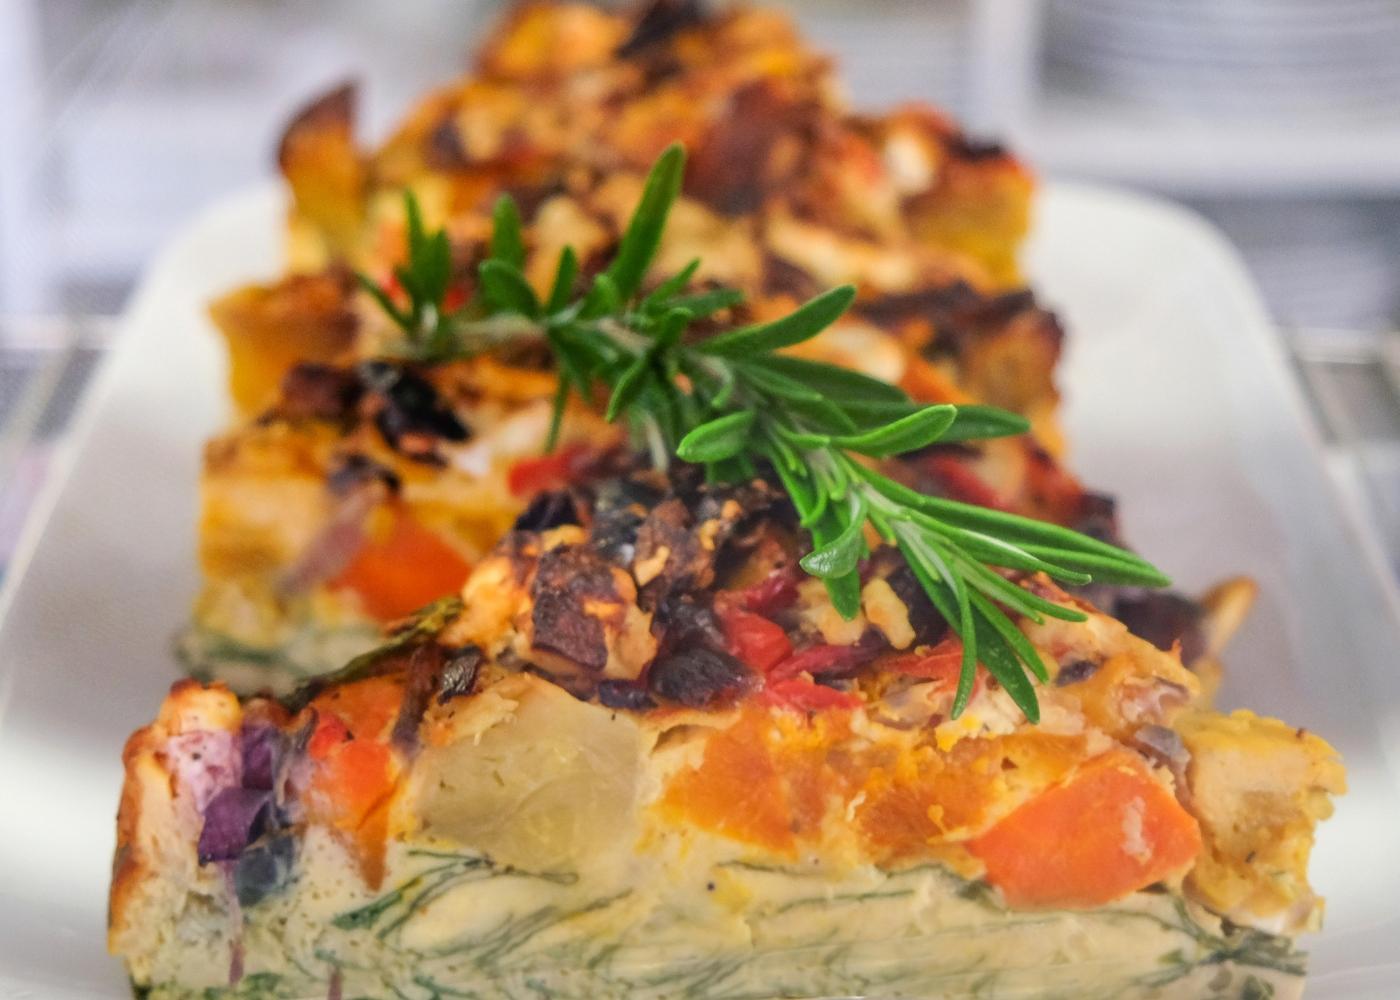 receita de frittata de batata-doce e queijo